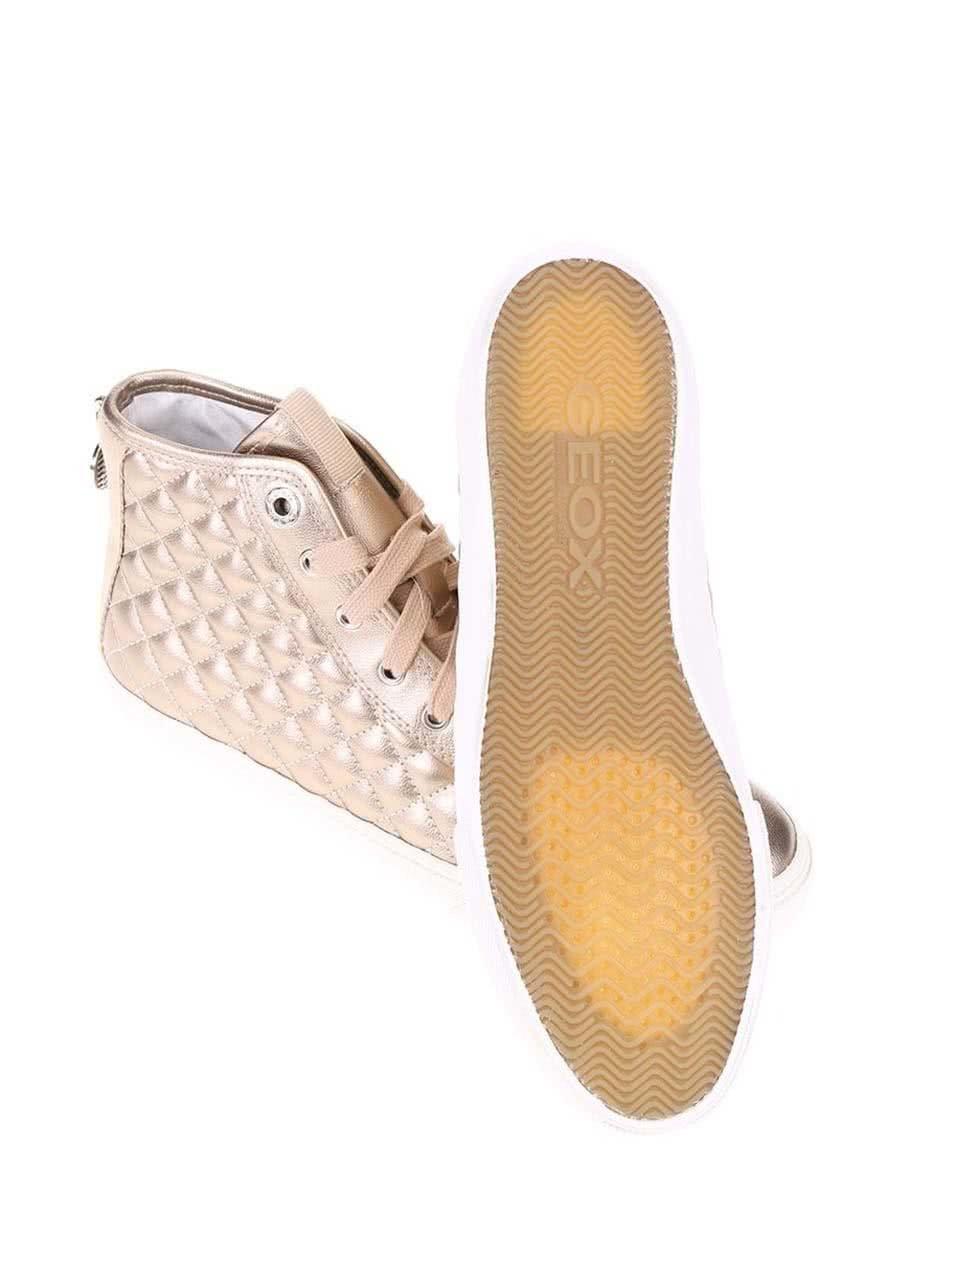 Dámské kotníkové tenisky v bronzové barvě Geox New Club ... 836d24b77f